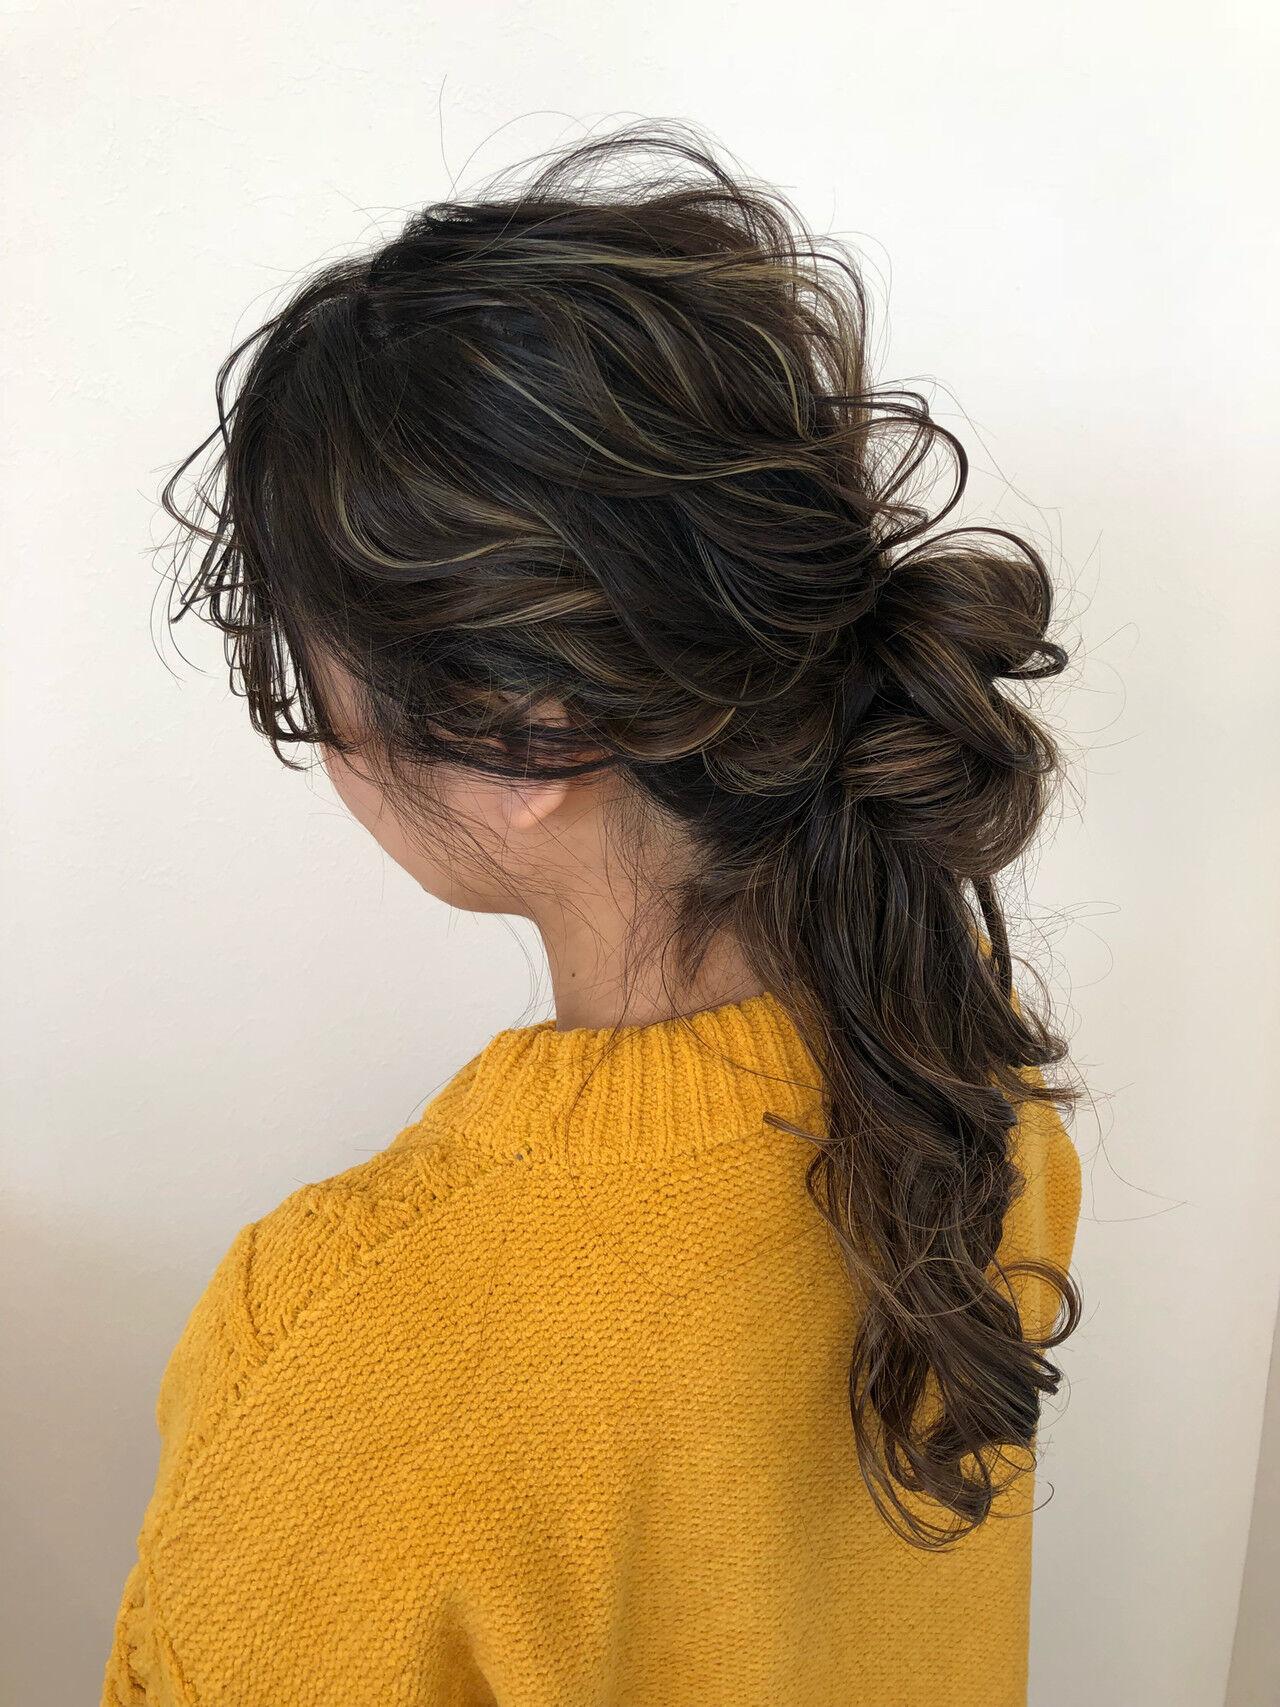 ナチュラル ロング ハーフアップ ヘアアレンジヘアスタイルや髪型の写真・画像